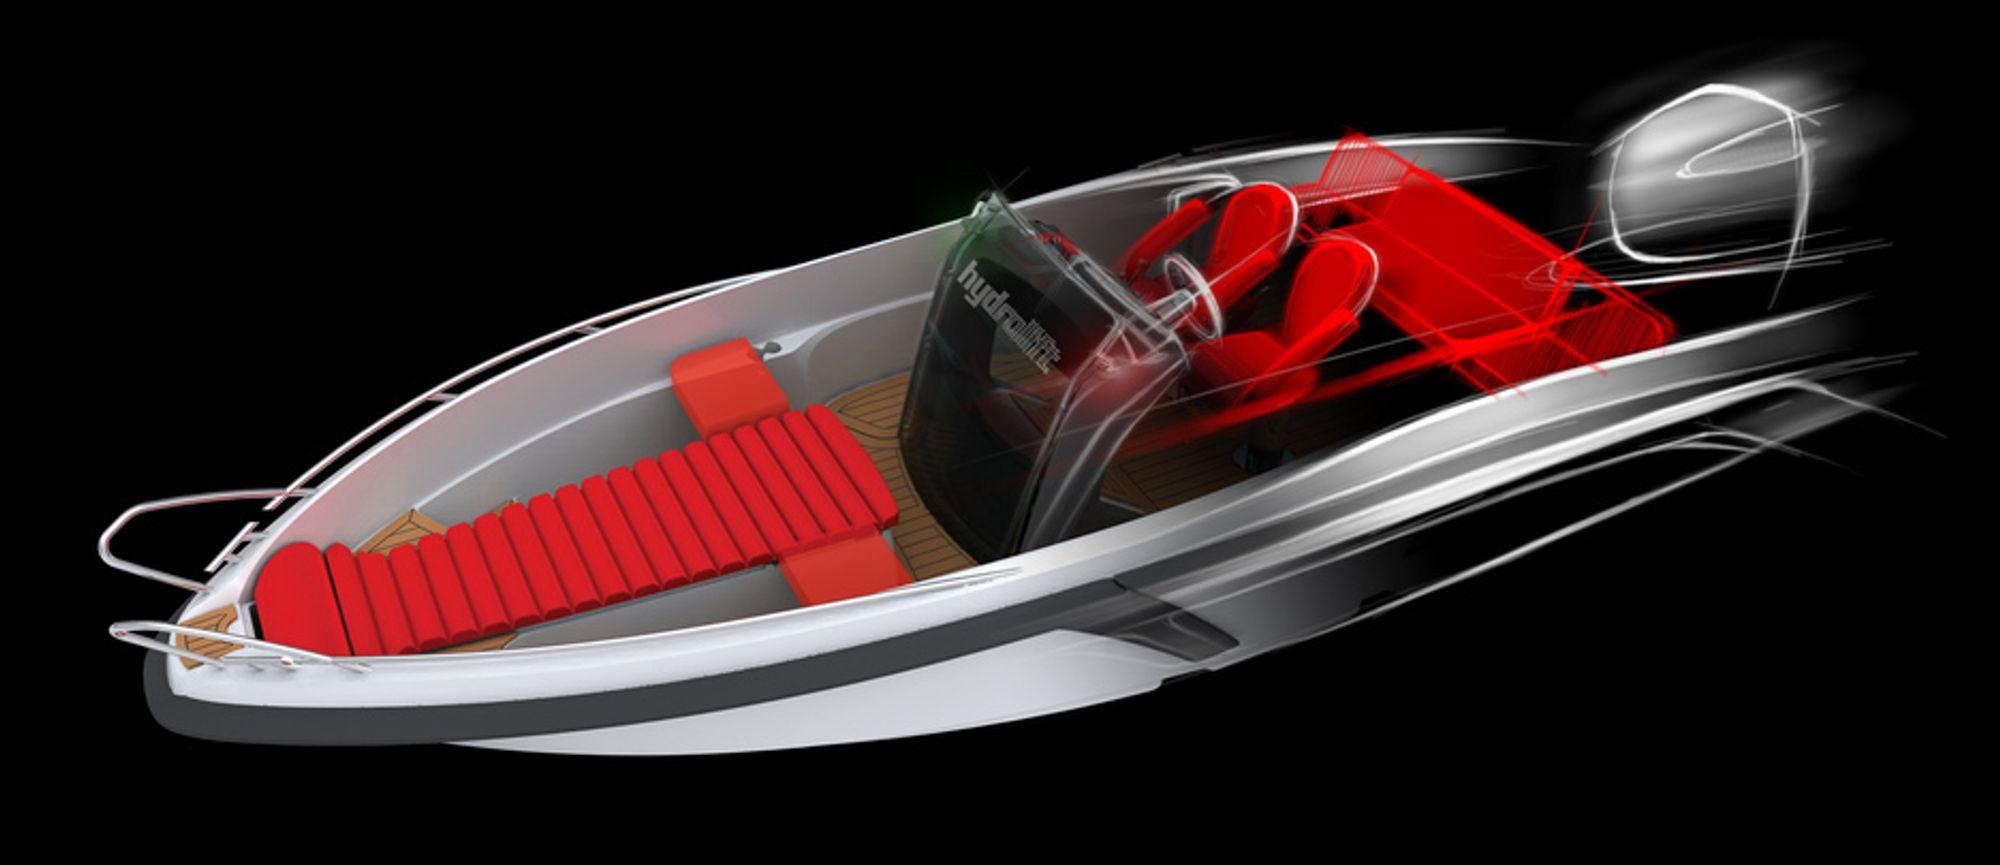 RÅTT: Vil du fort frem på sjøen kan Hydrolifts nye 22 foter, SX 22, være et alternativ. Dette er Hydrolifts første båt med utenbordsmotor og med en 300 hester på hekken oppgis hastigheten til 65+ knop. Hvor mange knop det ligger i plusstegnet får vi se, men det er nok en del.